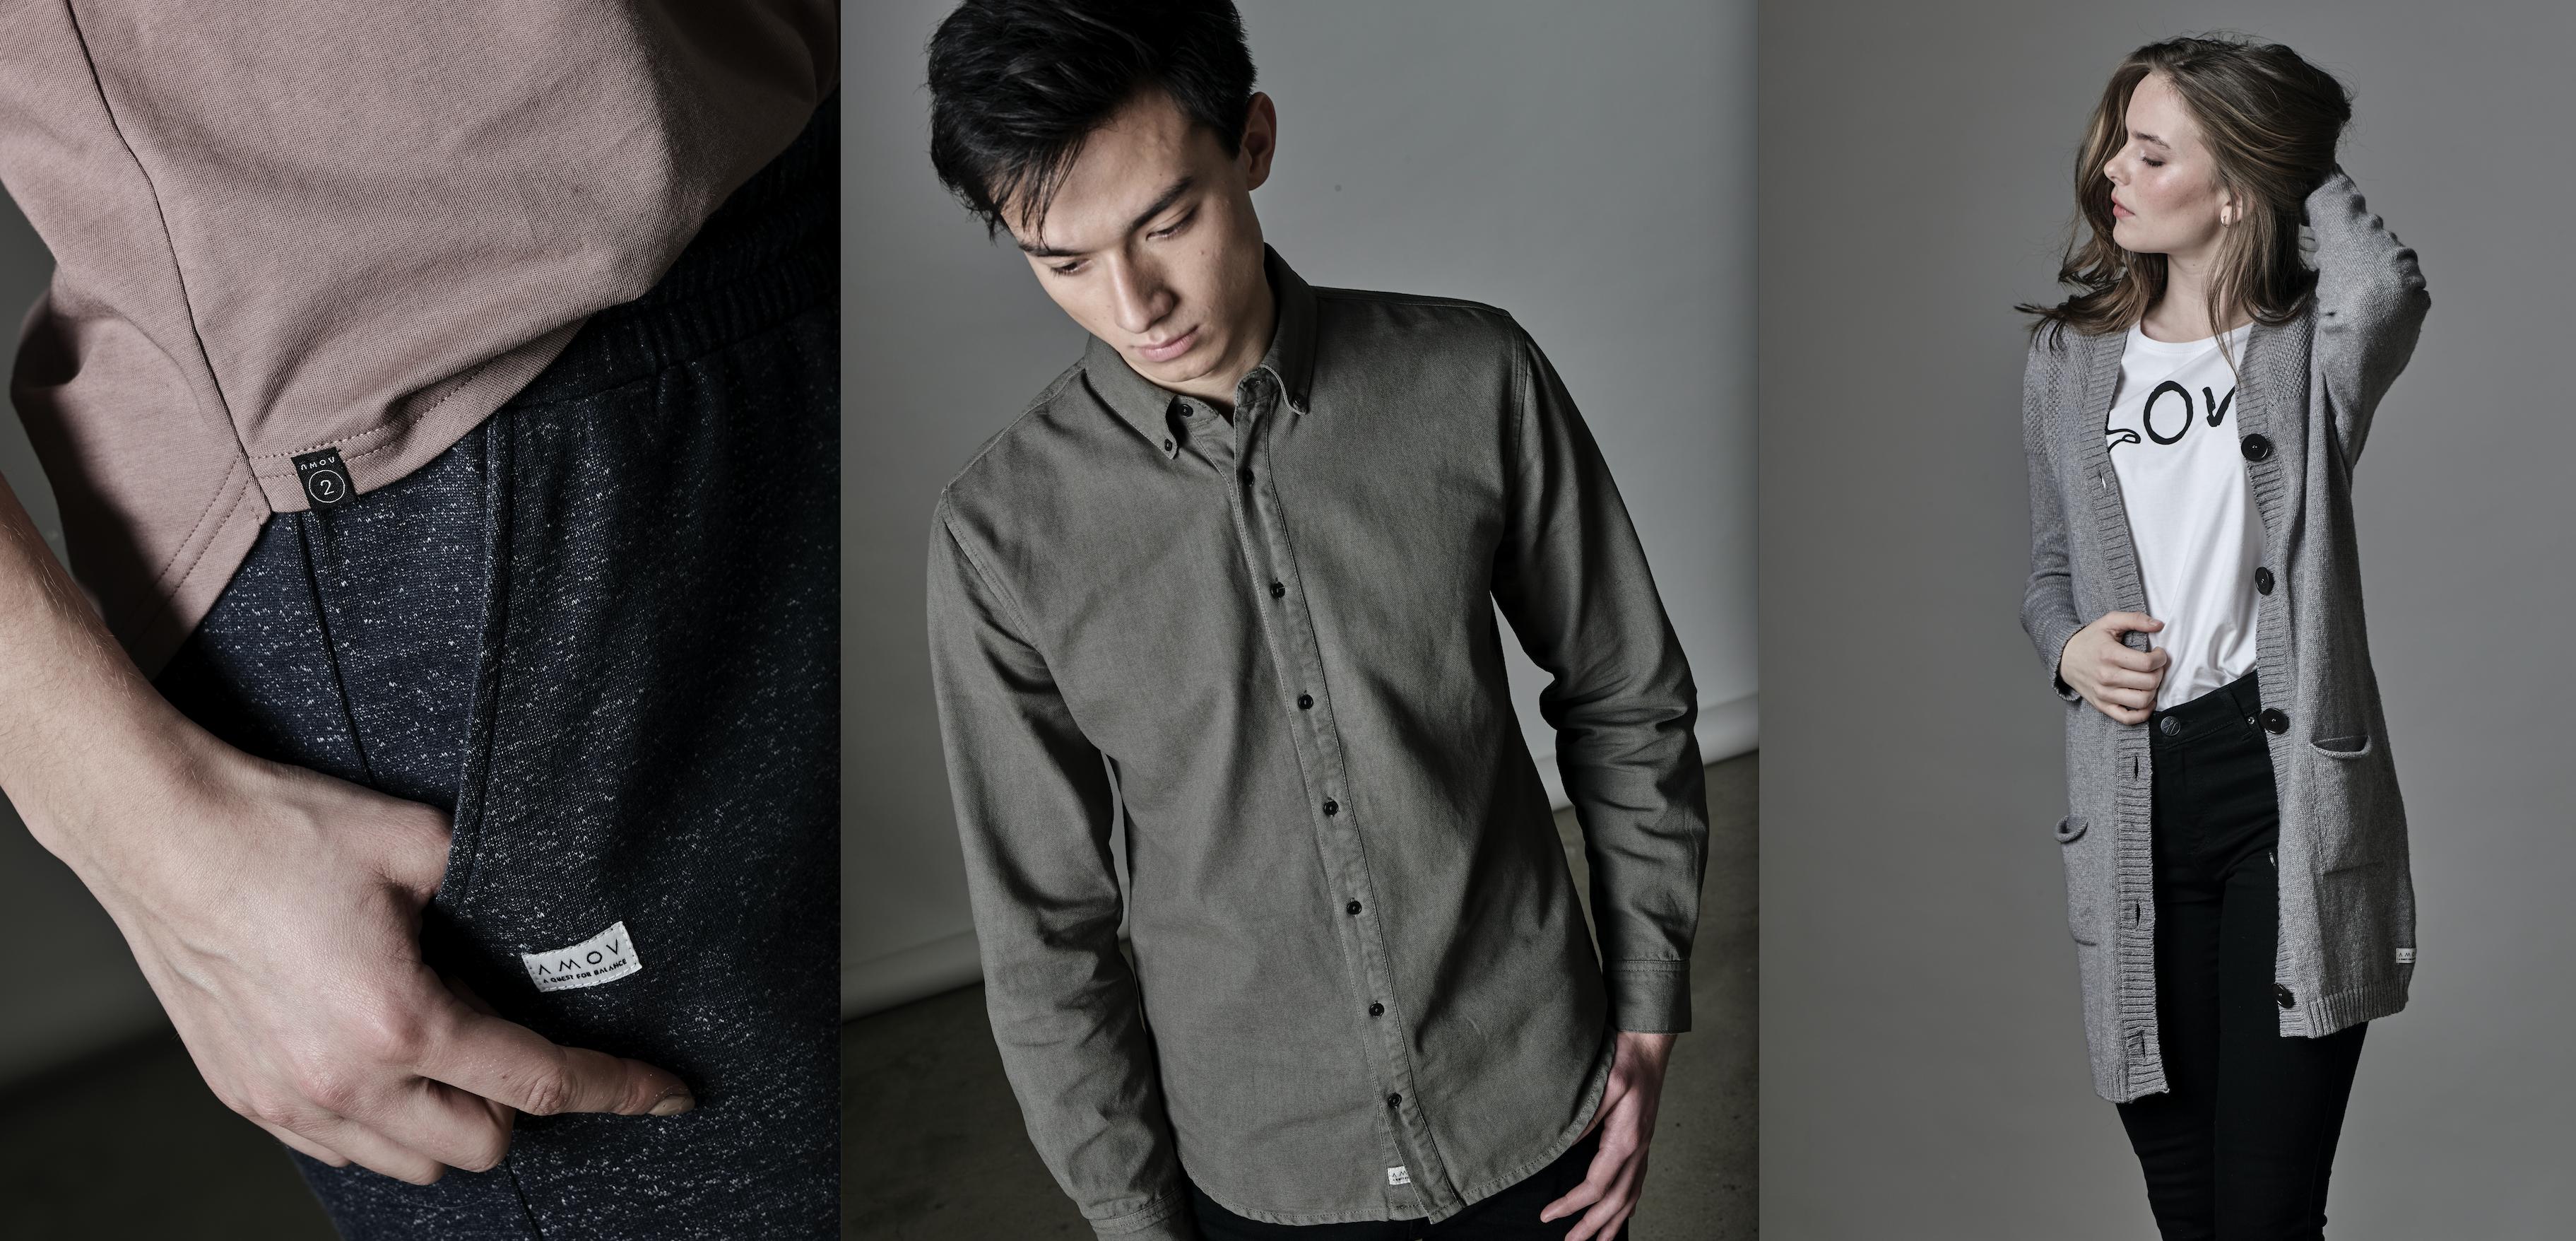 AMOV Label Detail Dyed Shirt Cardigan